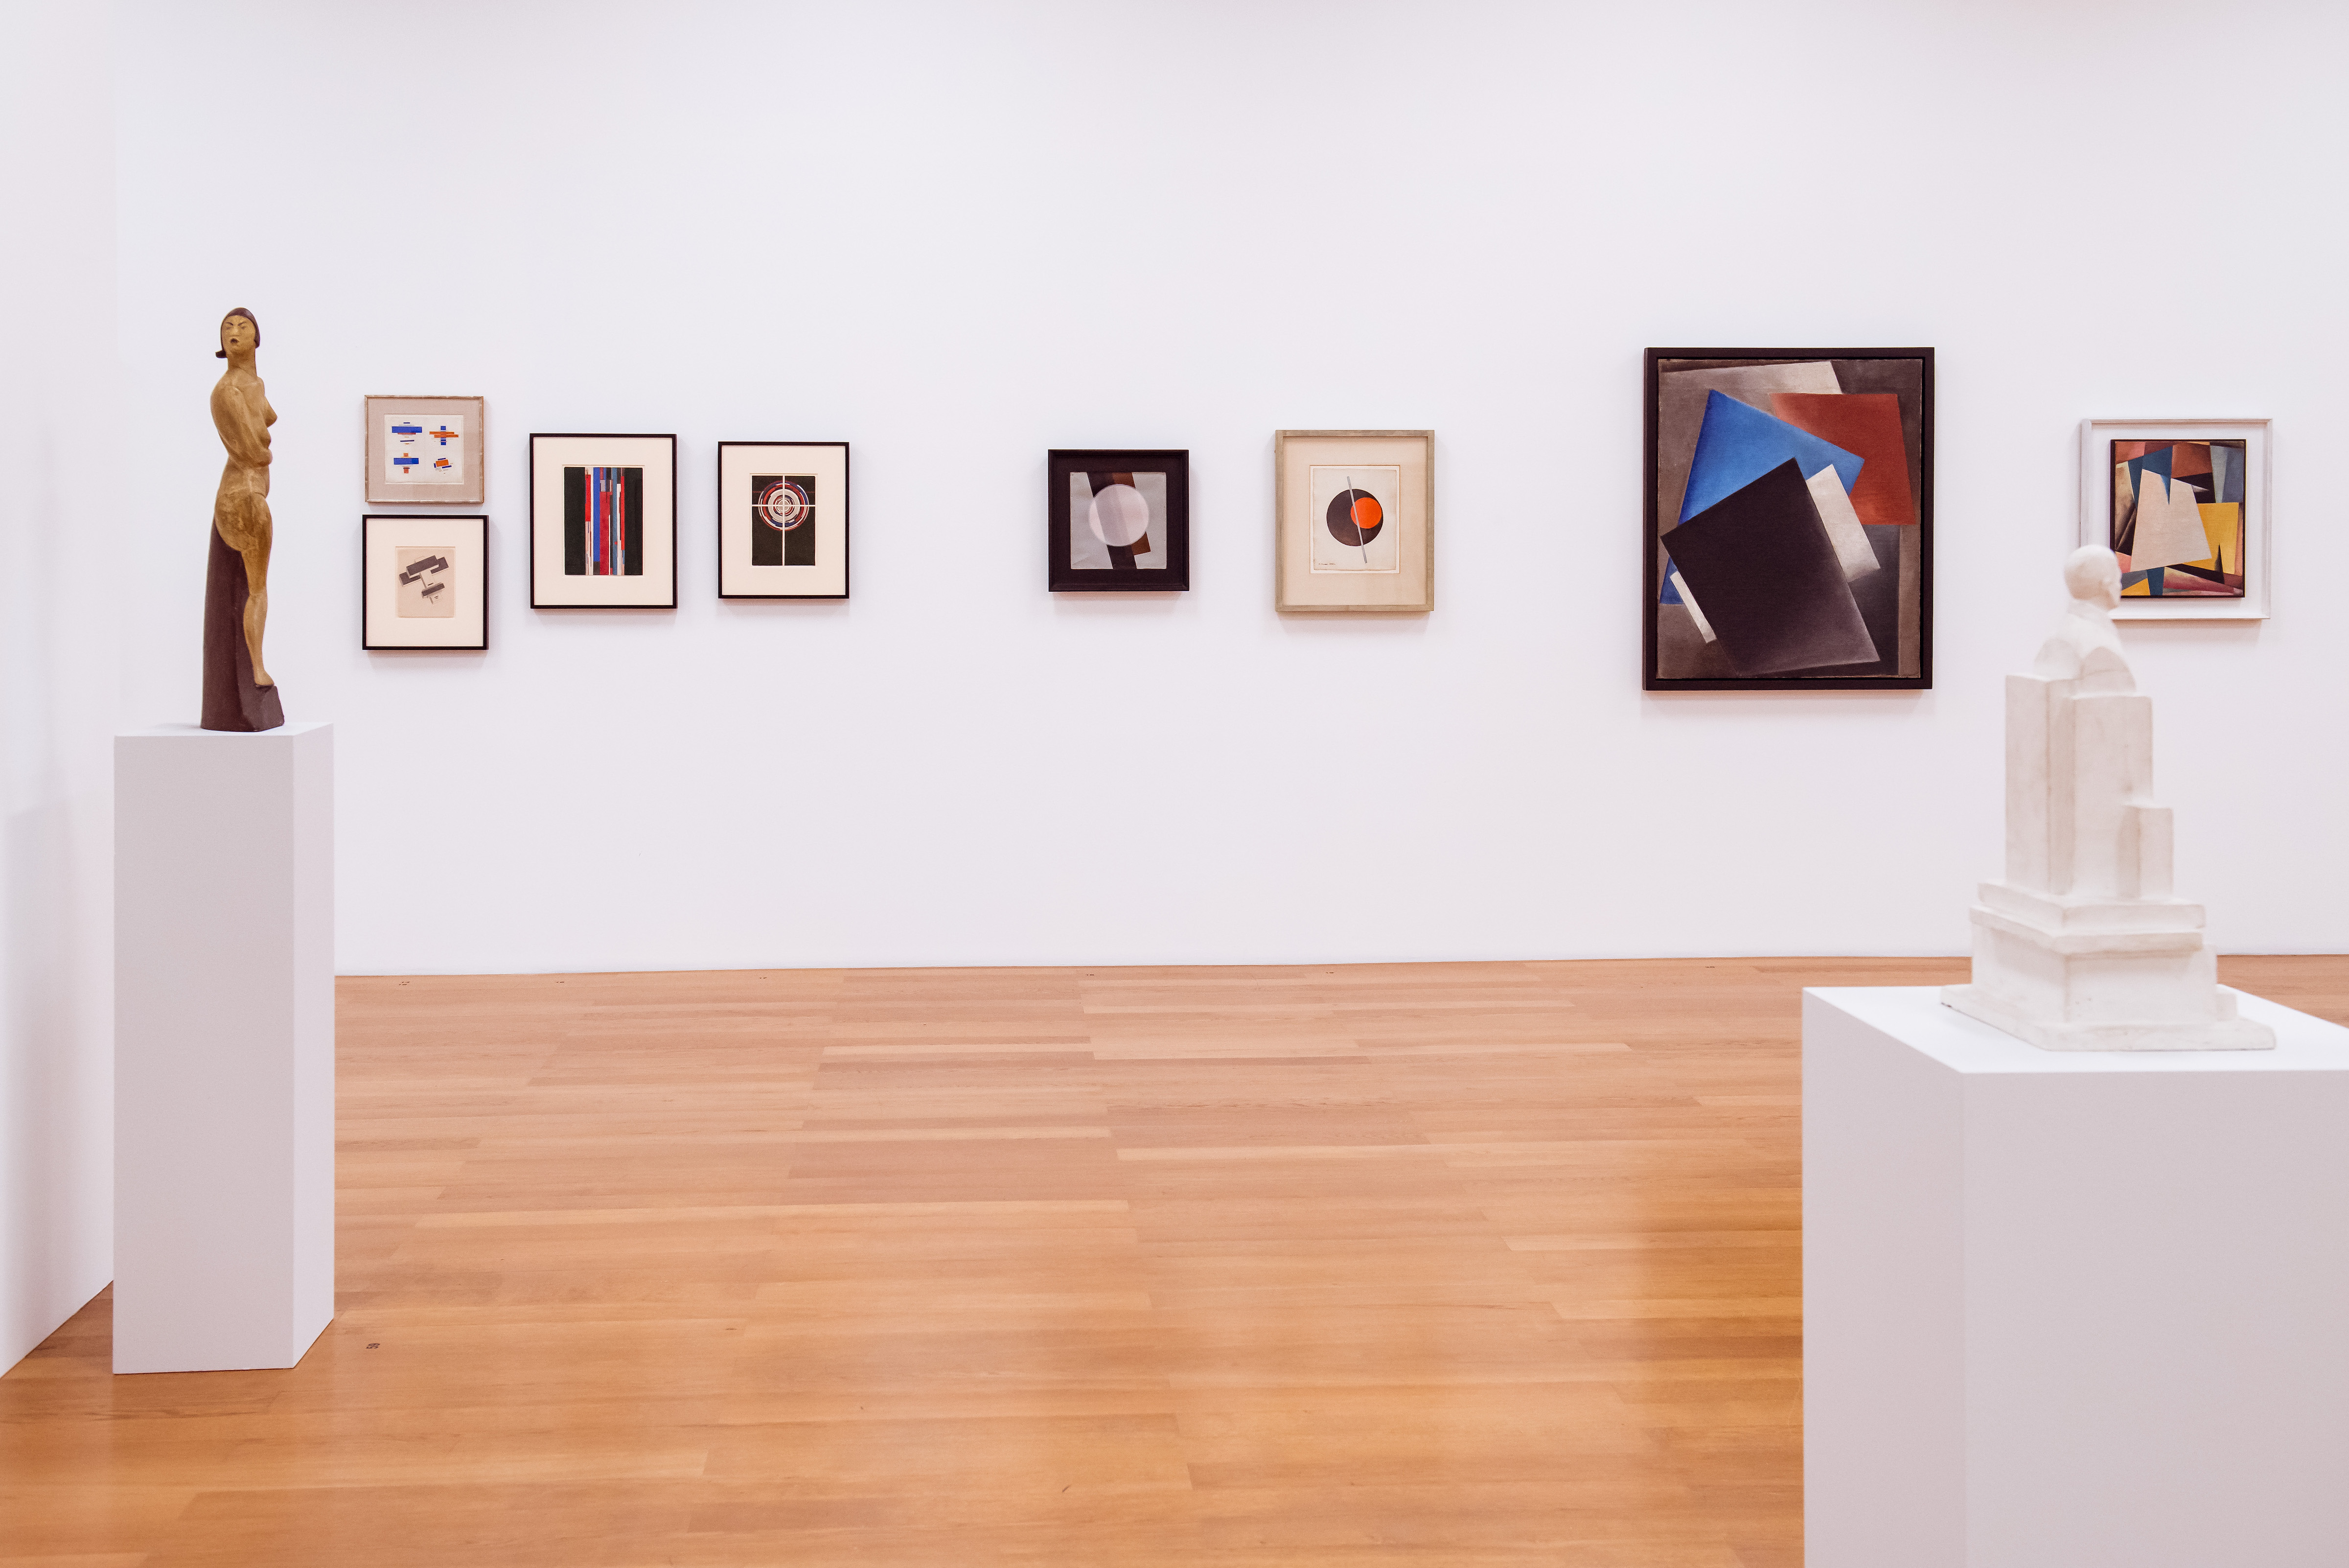 Выставка в Музее искусств Лихтенштейна / Фото Сандры Майер © Kunstmuseum Liechtenstein / 2021, ProLitteris, Zürich